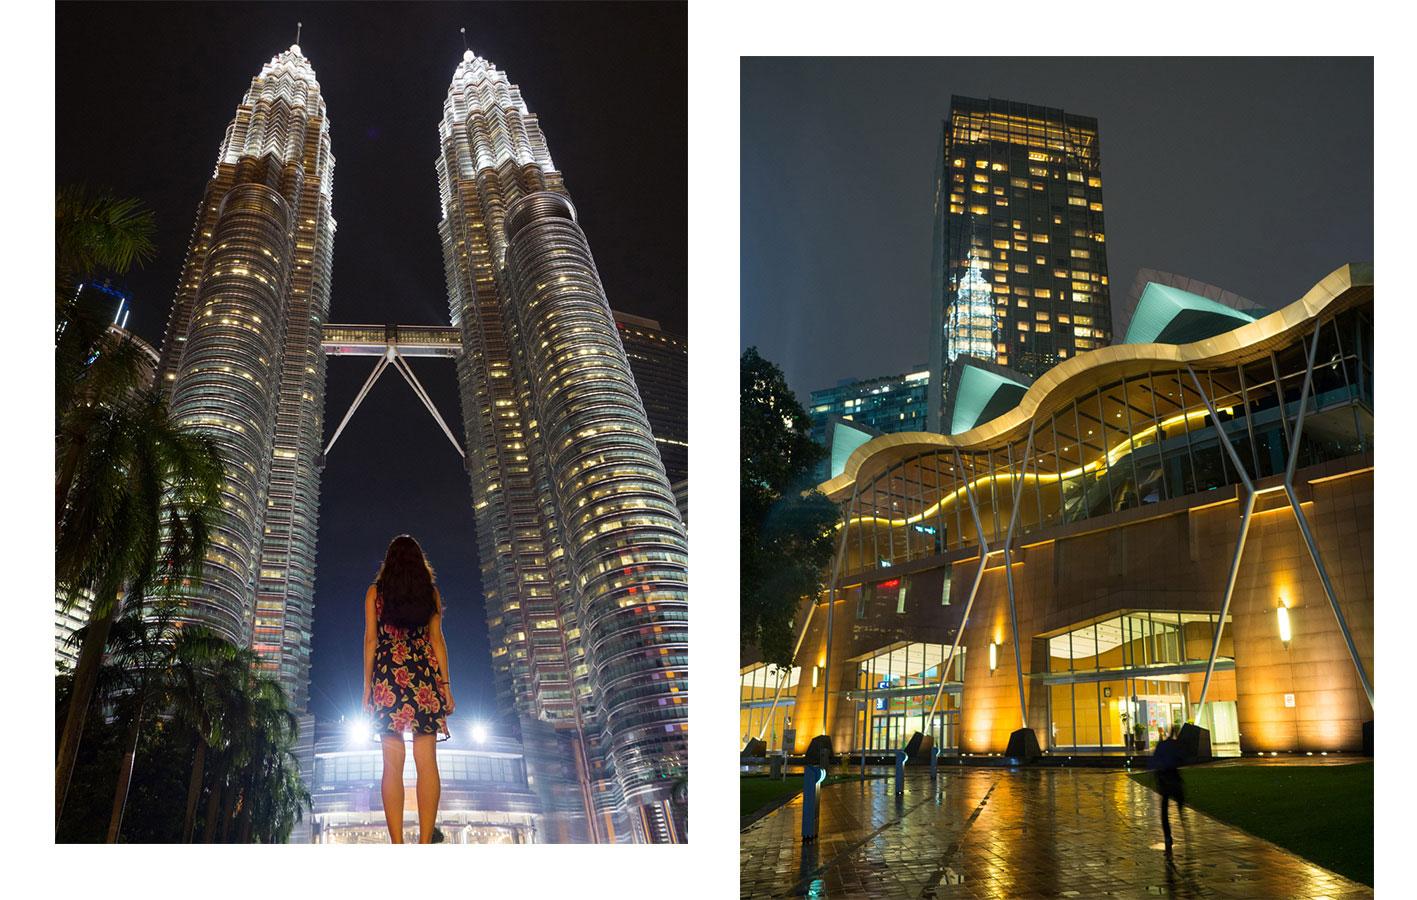 kuala lumpur klcc park 1 - Highlights für einen Stopover in Kuala Lumpur – Was ihr in 24 Stunden unbedingt sehen müsst